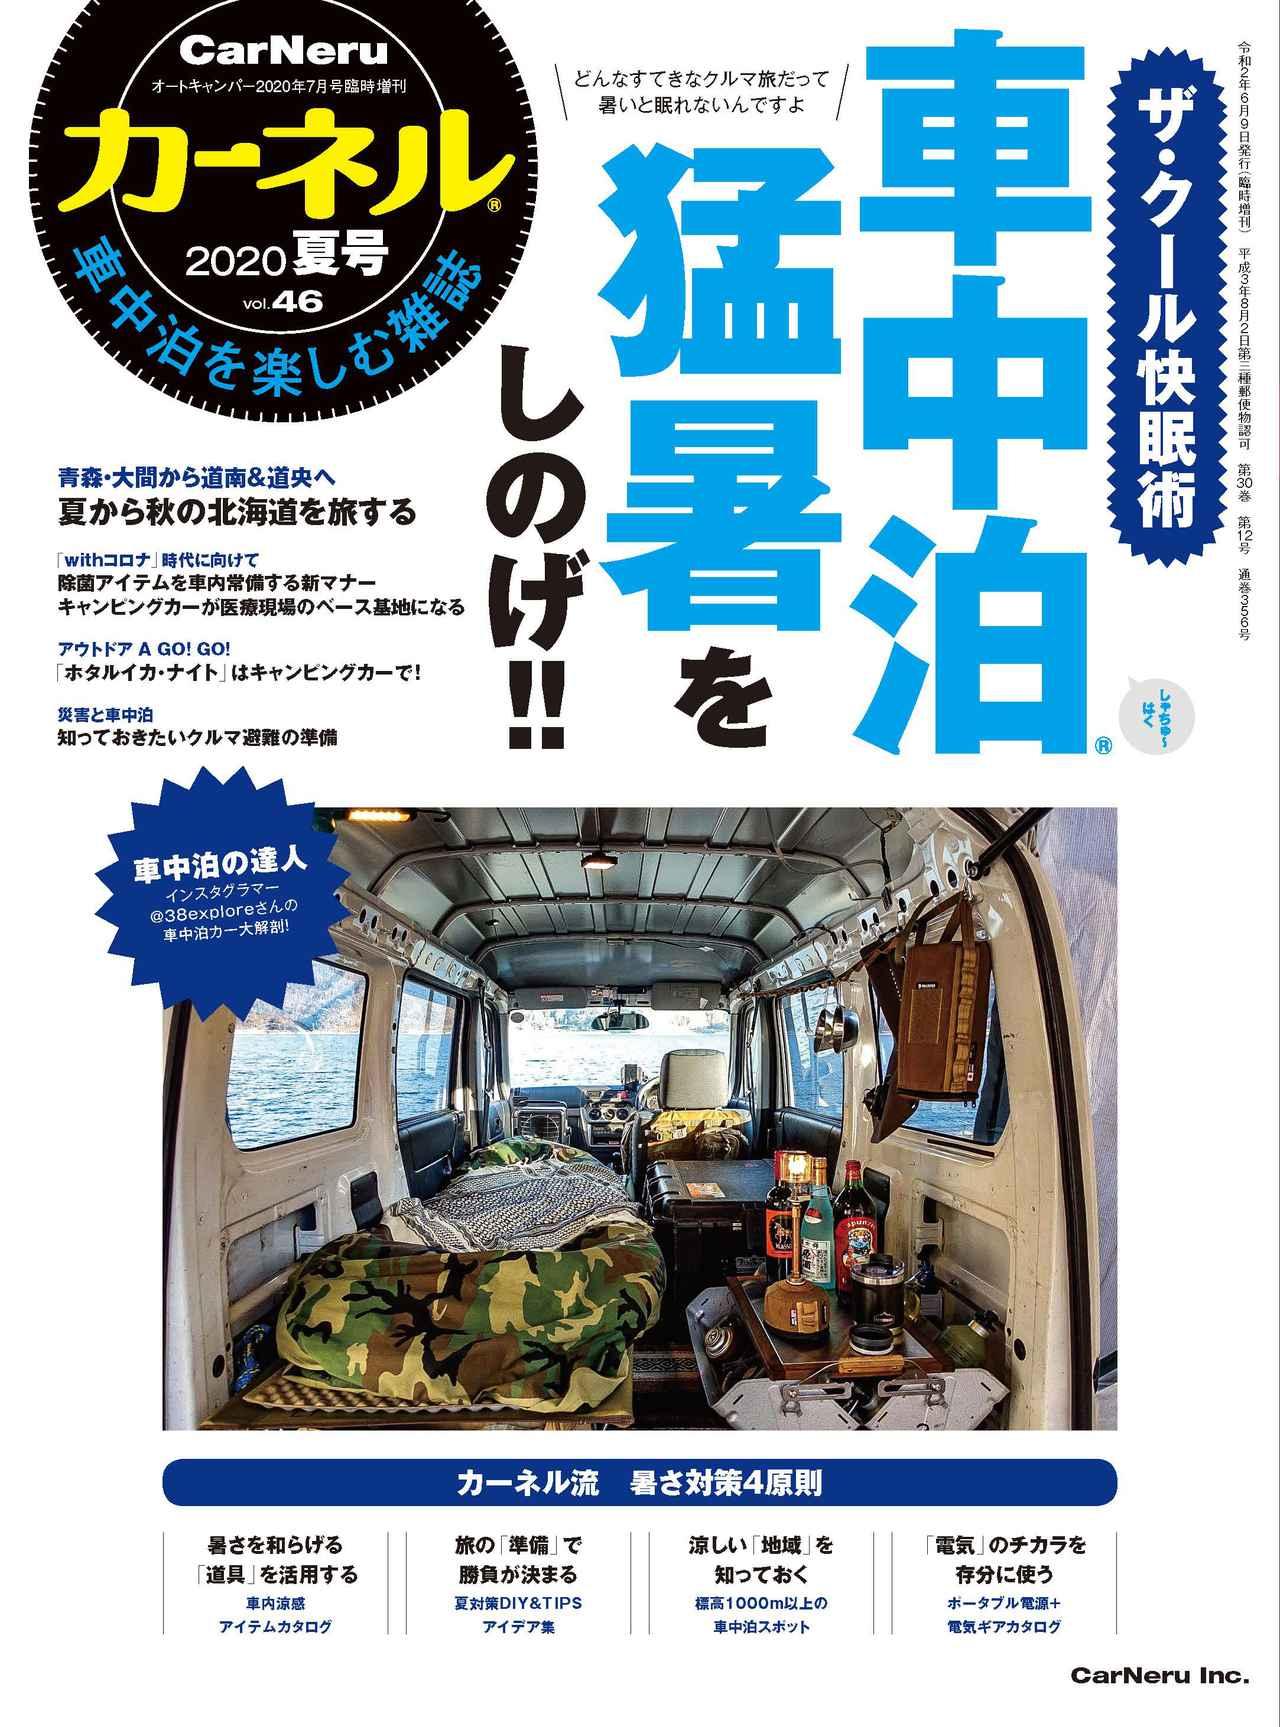 画像: carneru.co.jp